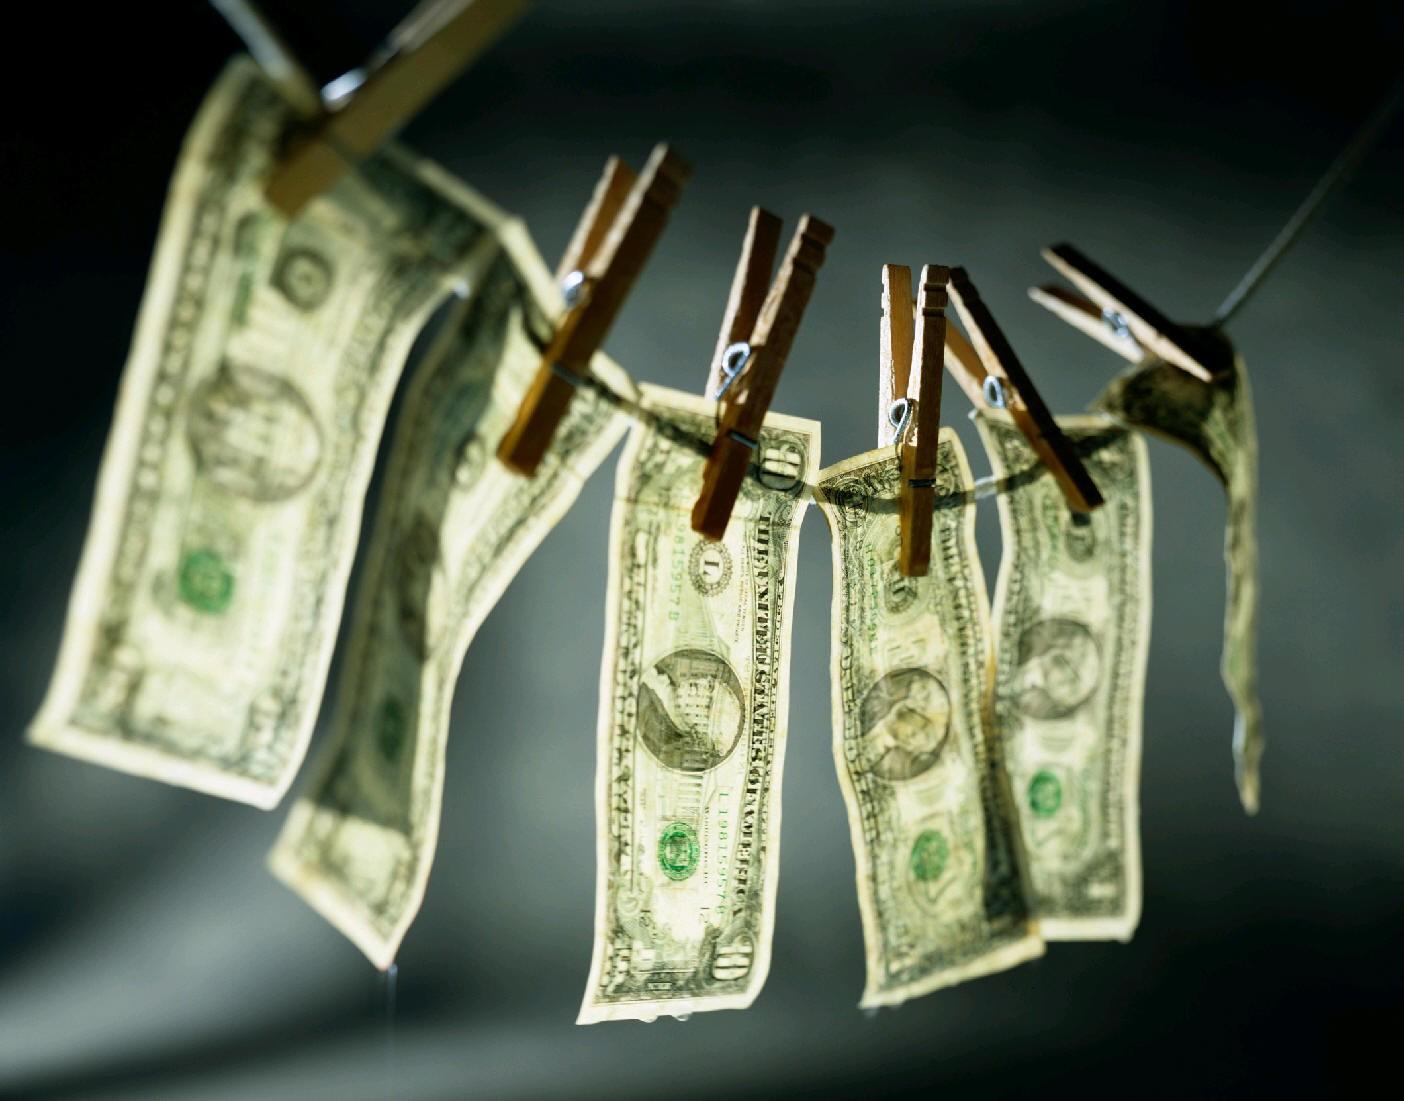 تعليمات مكافحة غسل الأموال وتمويل الإرهاب